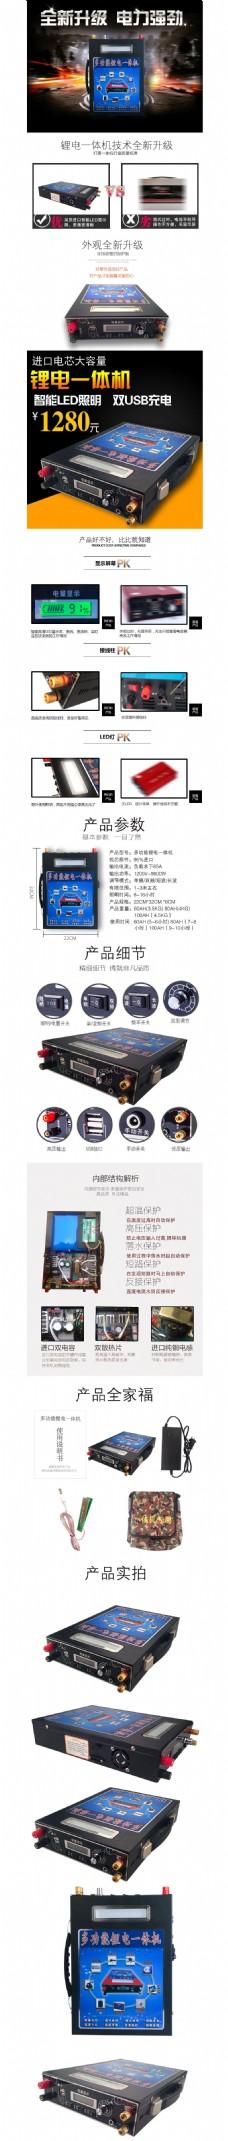 锂电池详情页面原创设计大容量电池详情模板